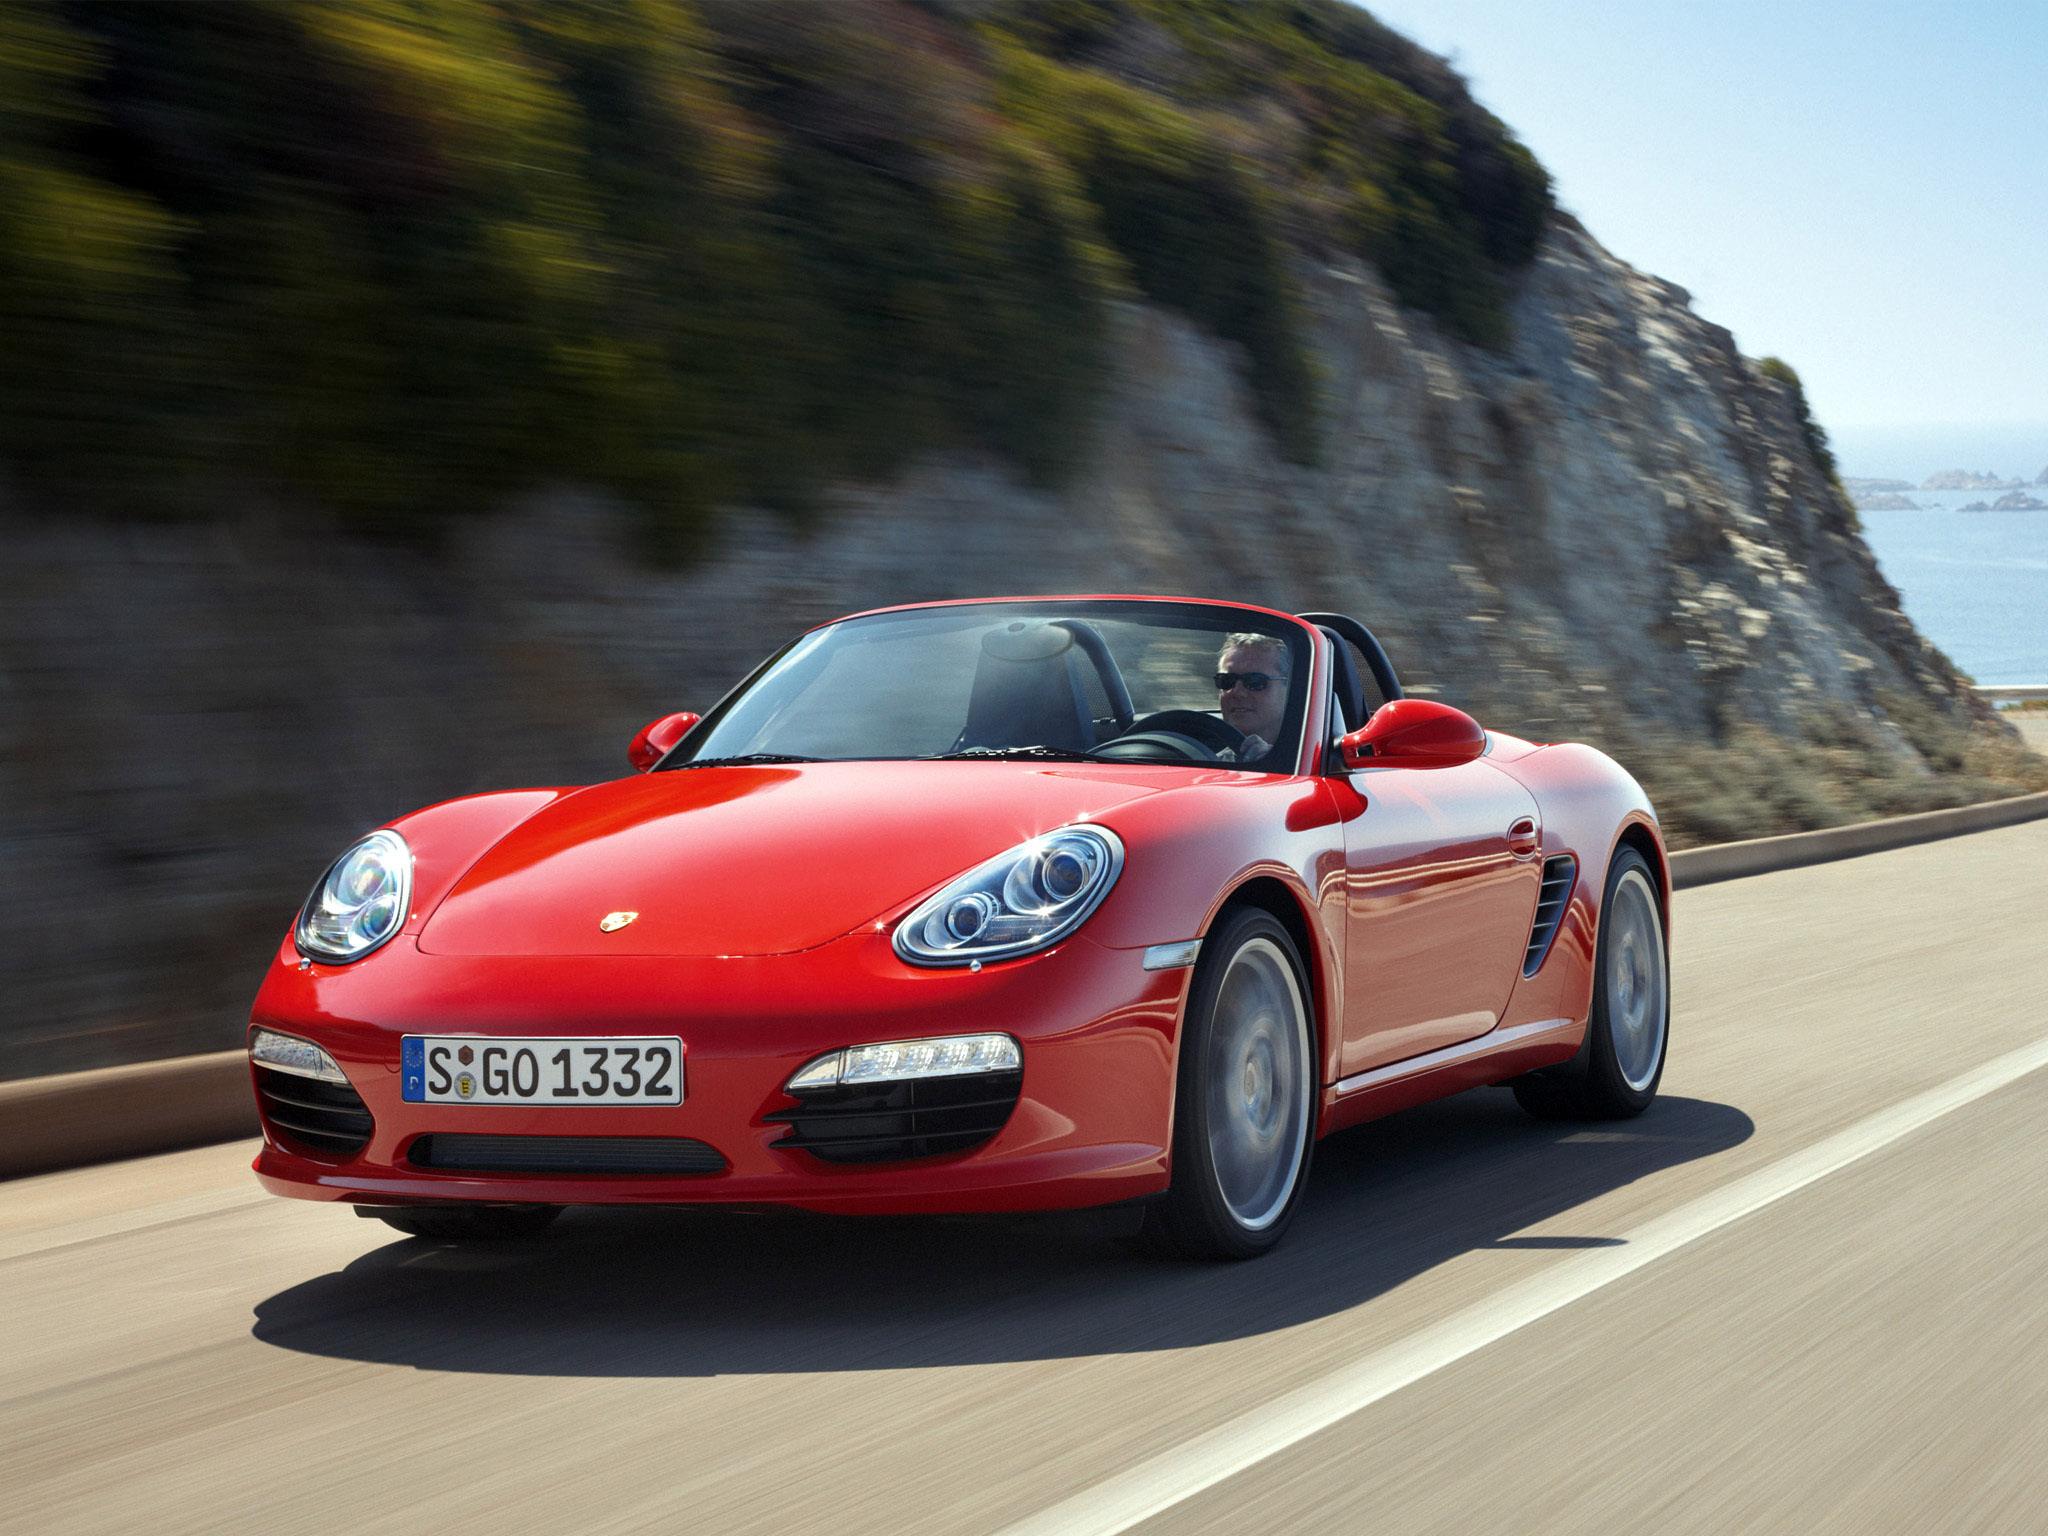 Porsche Boxster : porsche-boxster-red-1.jpg